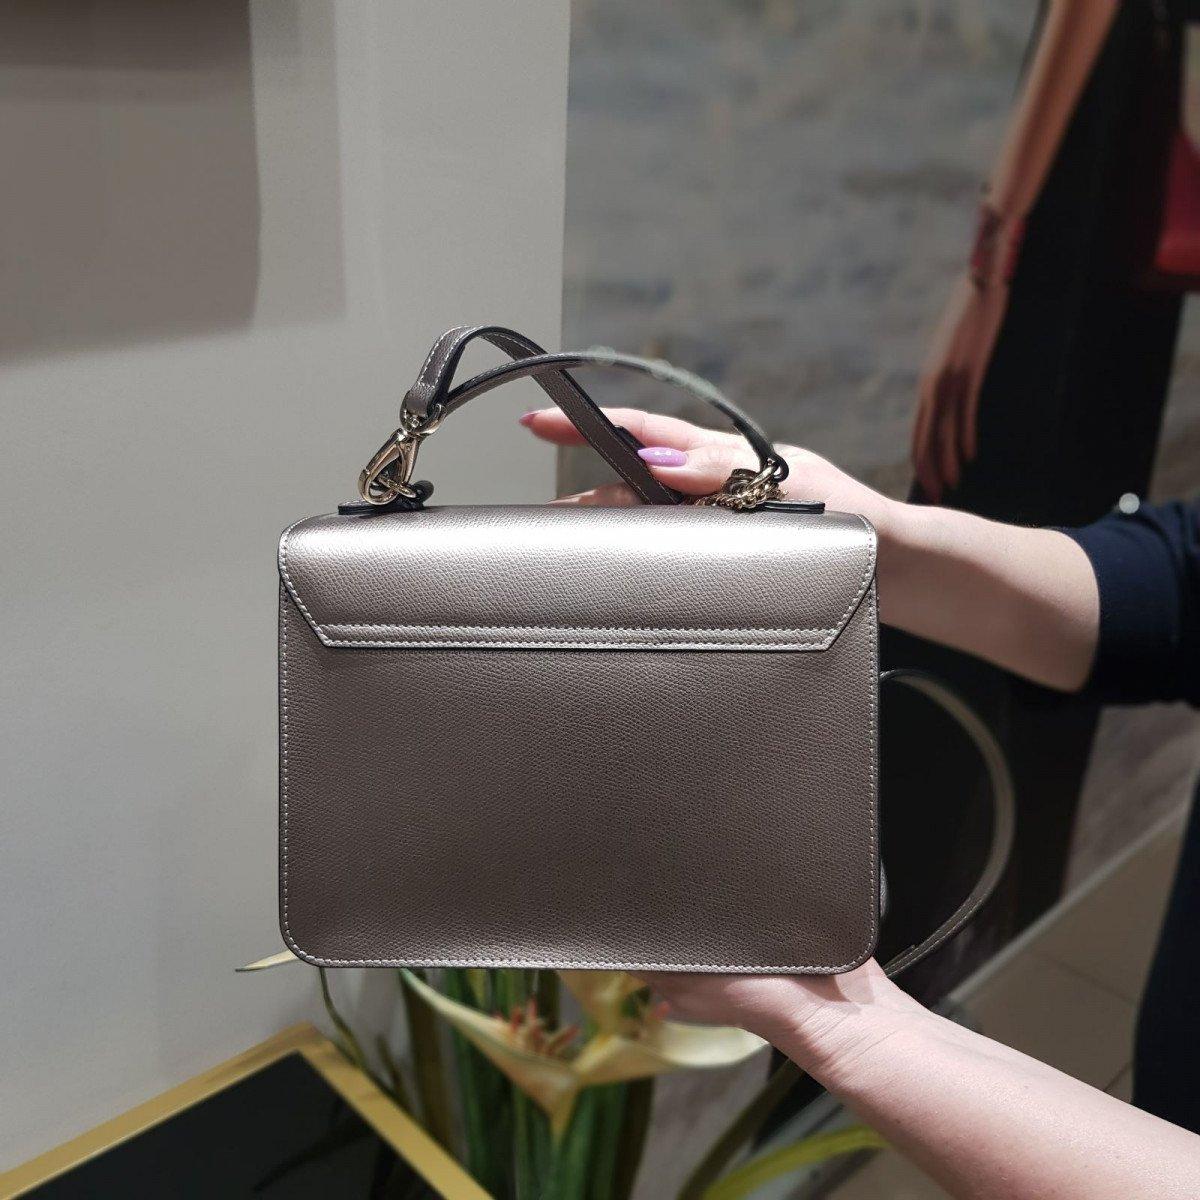 Женская кожаная сумка La Martina 41W332 O0005 pewter из натуральной кожи